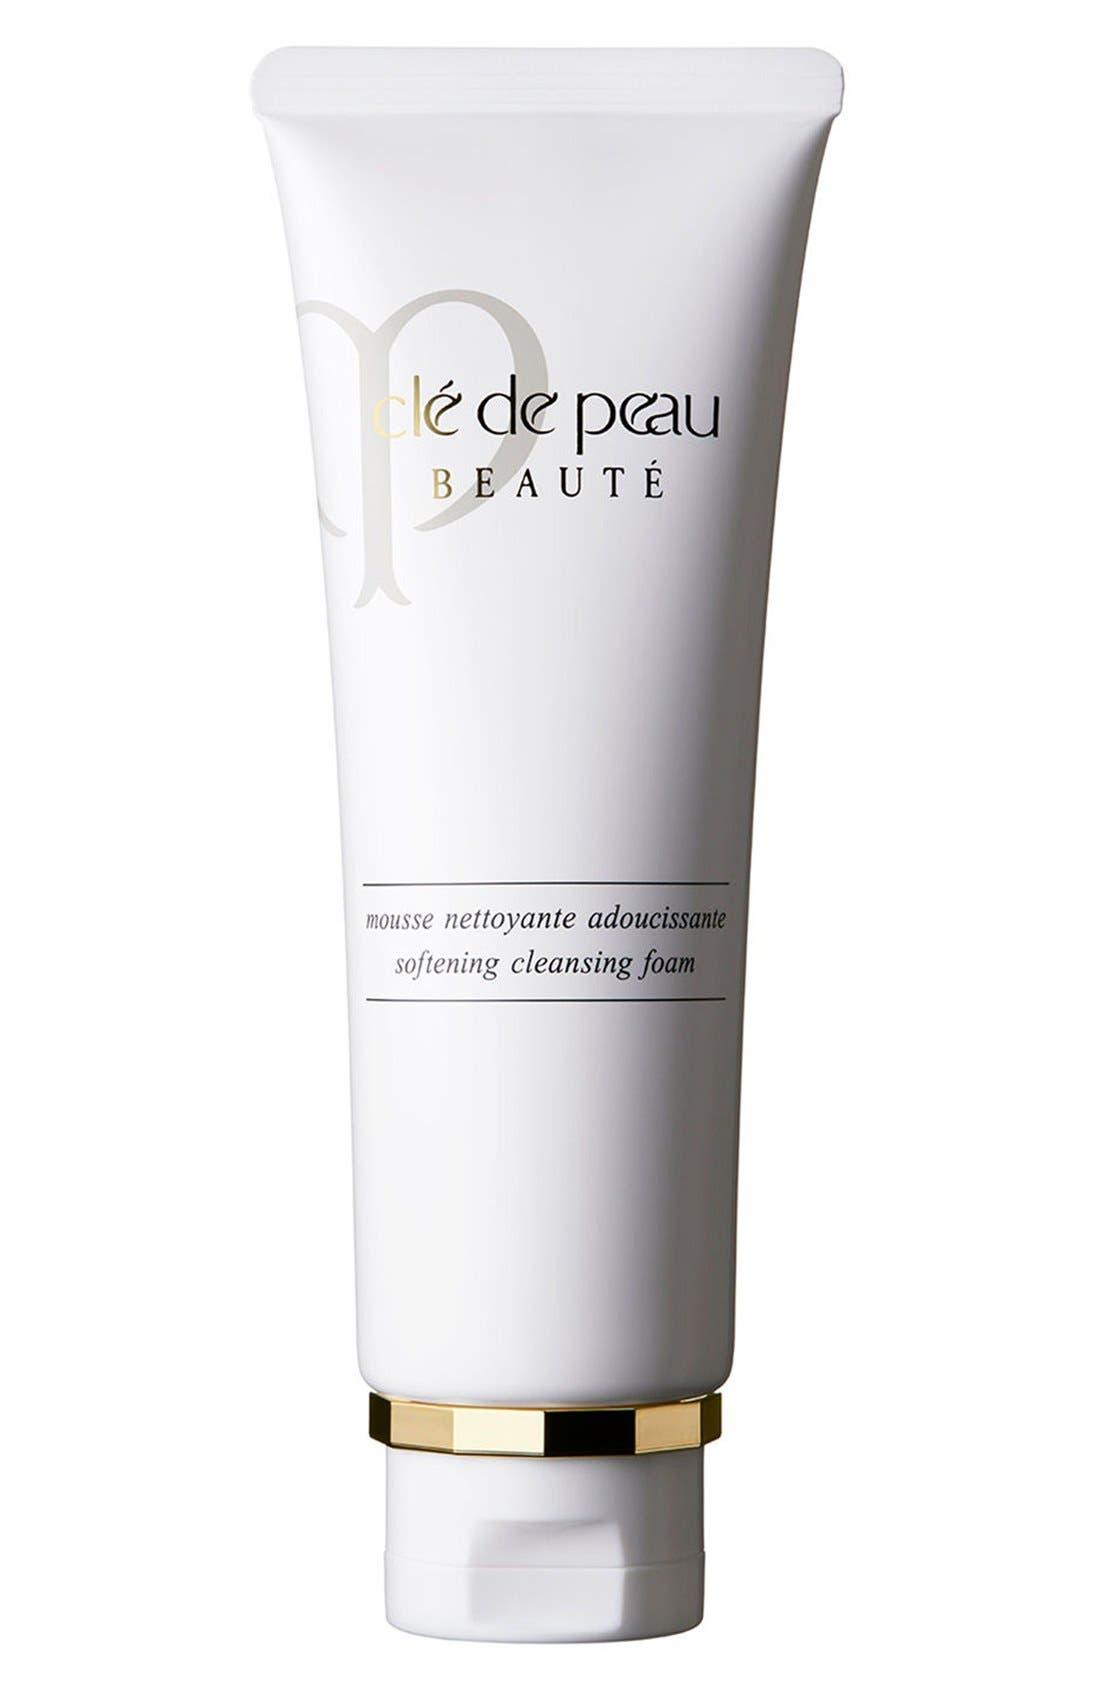 Image of CLE DE PEAU Beauté Softening Cleansing Foam